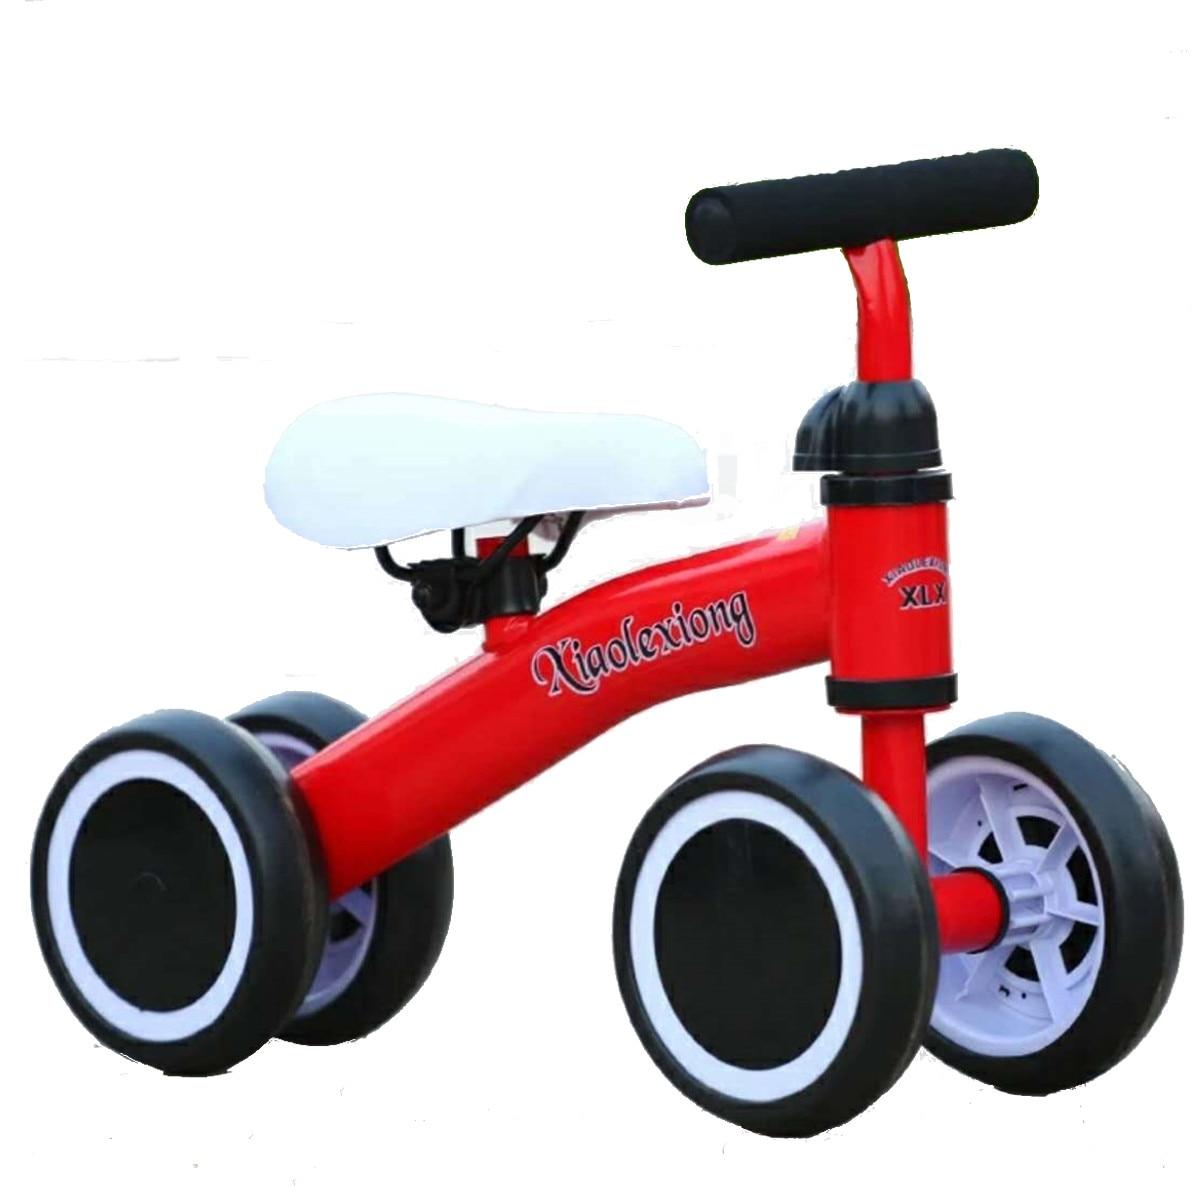 Enfants trois roues Balance vélo enfants Scooter bébé marcheur 1-3 ans Tricycle vélo tour sur jouets cadeau pour bébé jouets